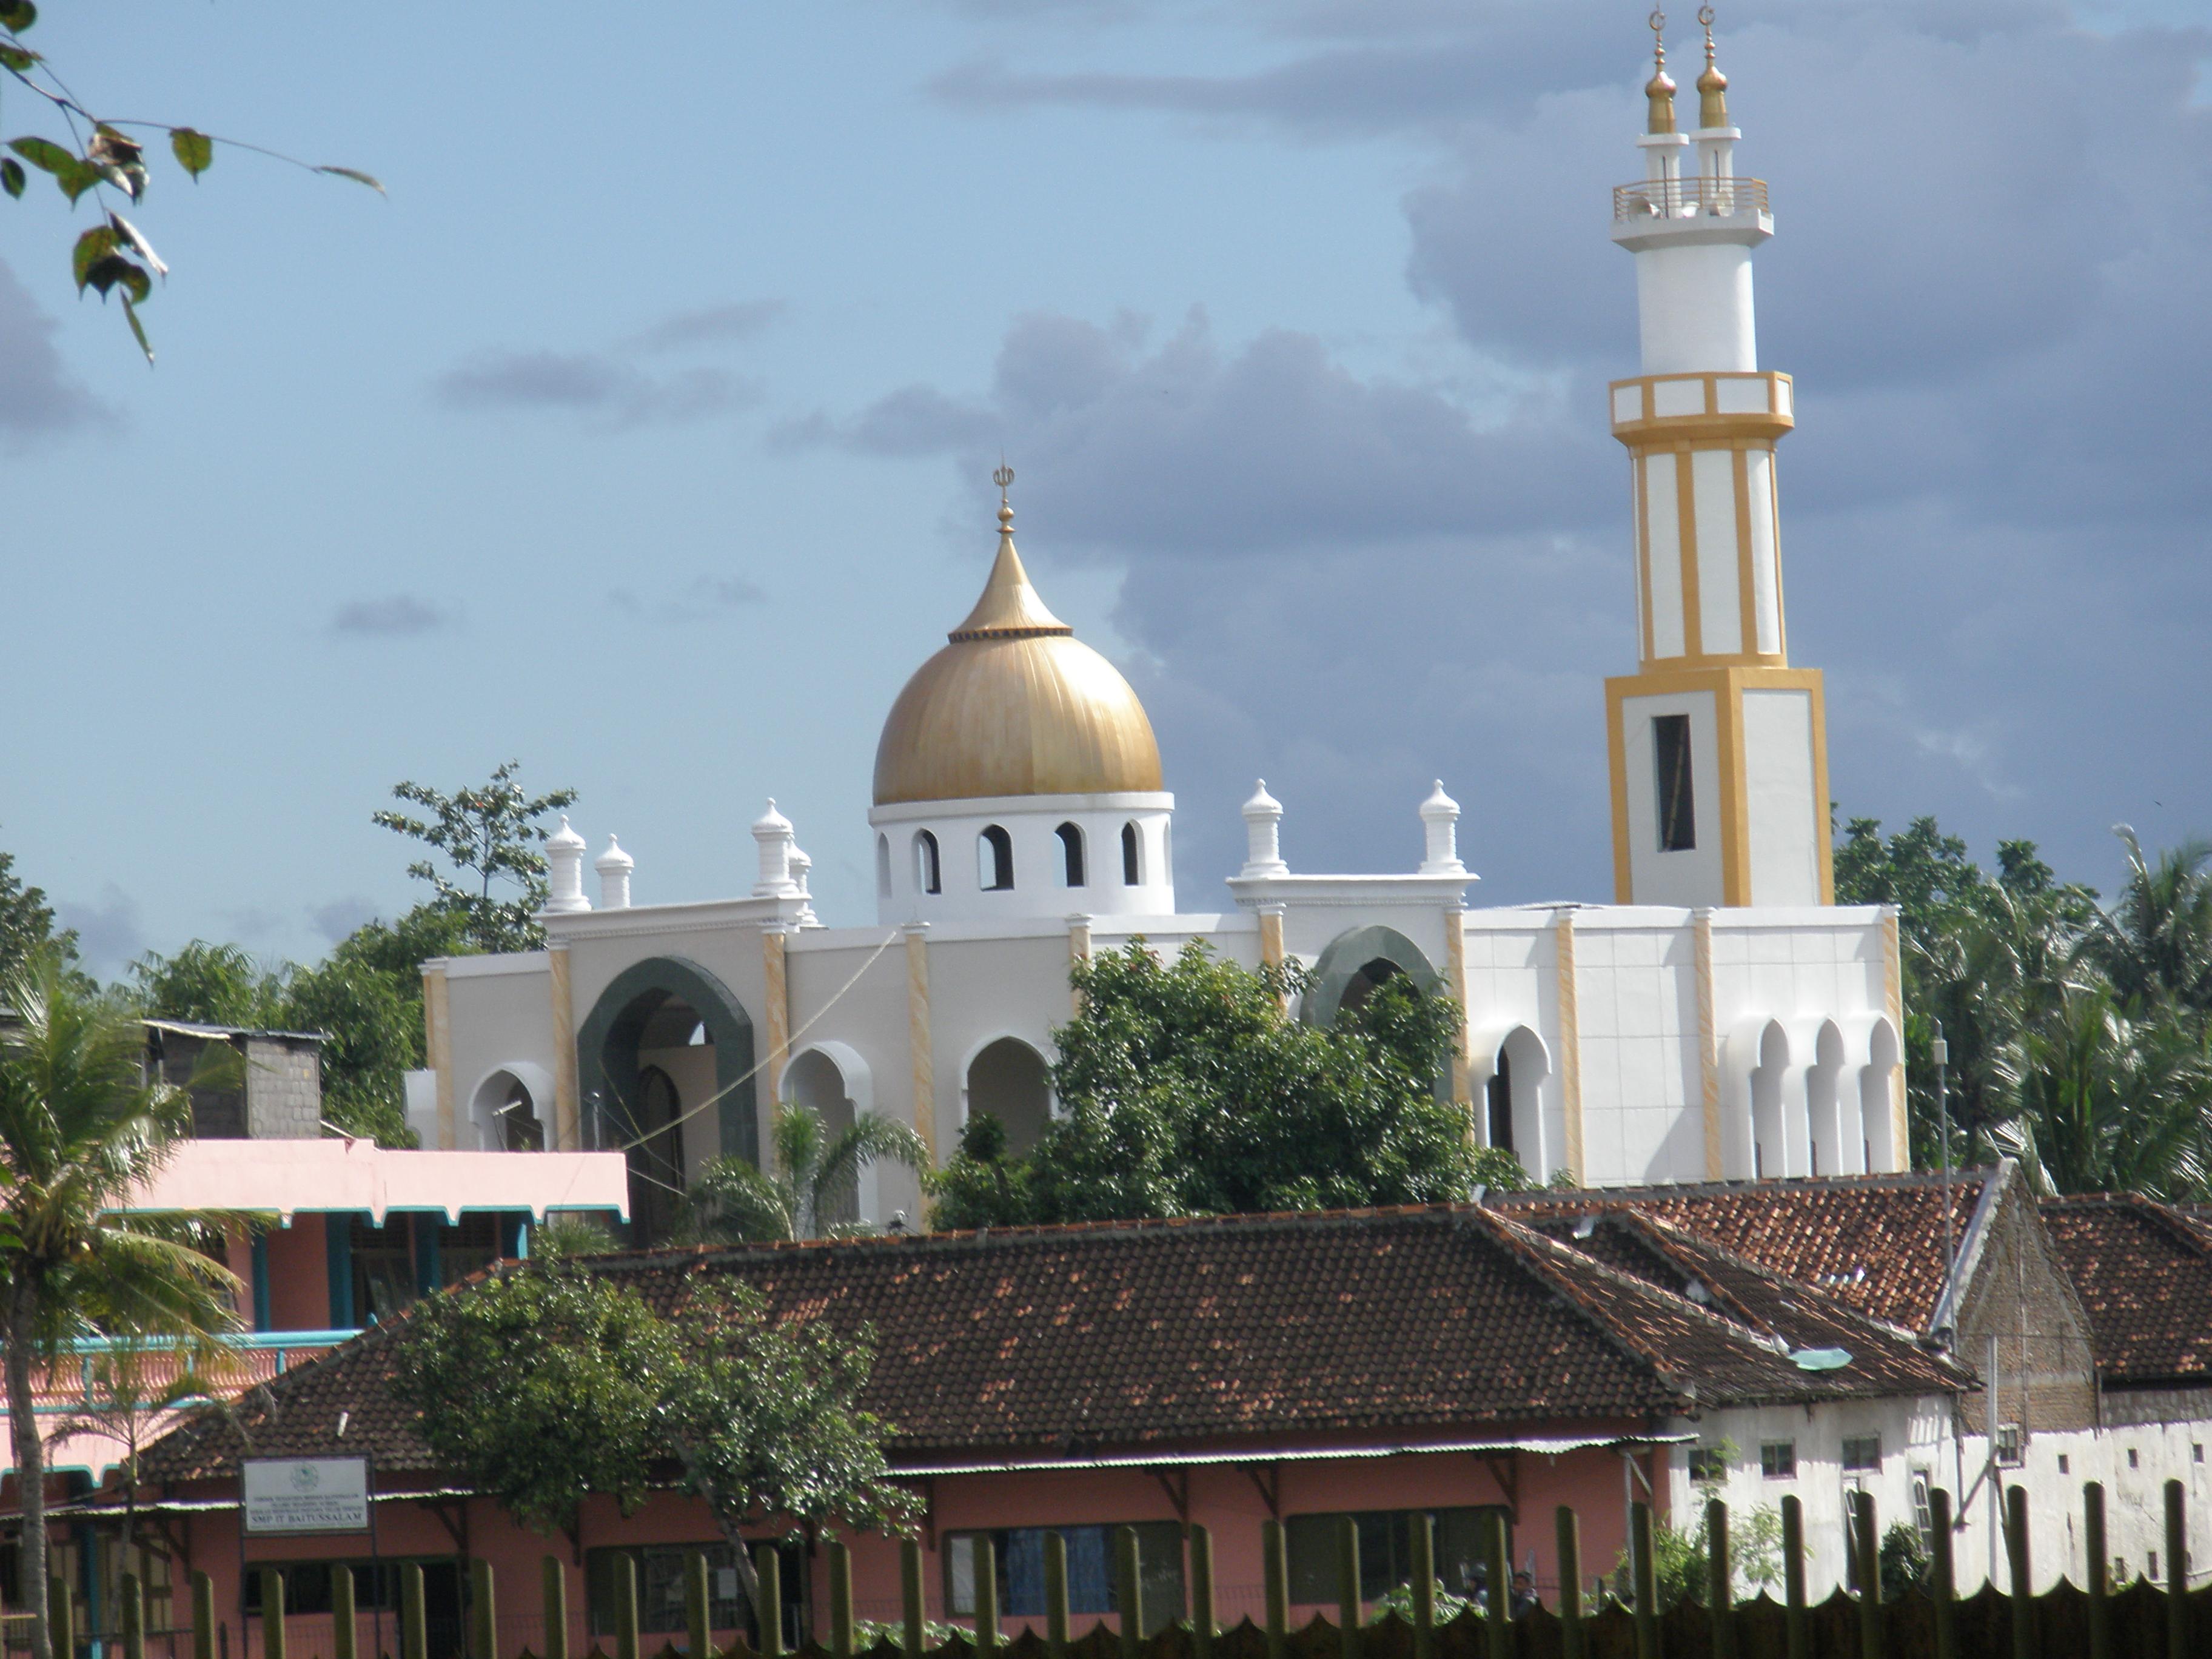 Mesquitas estão presentes em quase todos os lugares (Foto: Matheus Pinheiro de Oliveira e Silva)